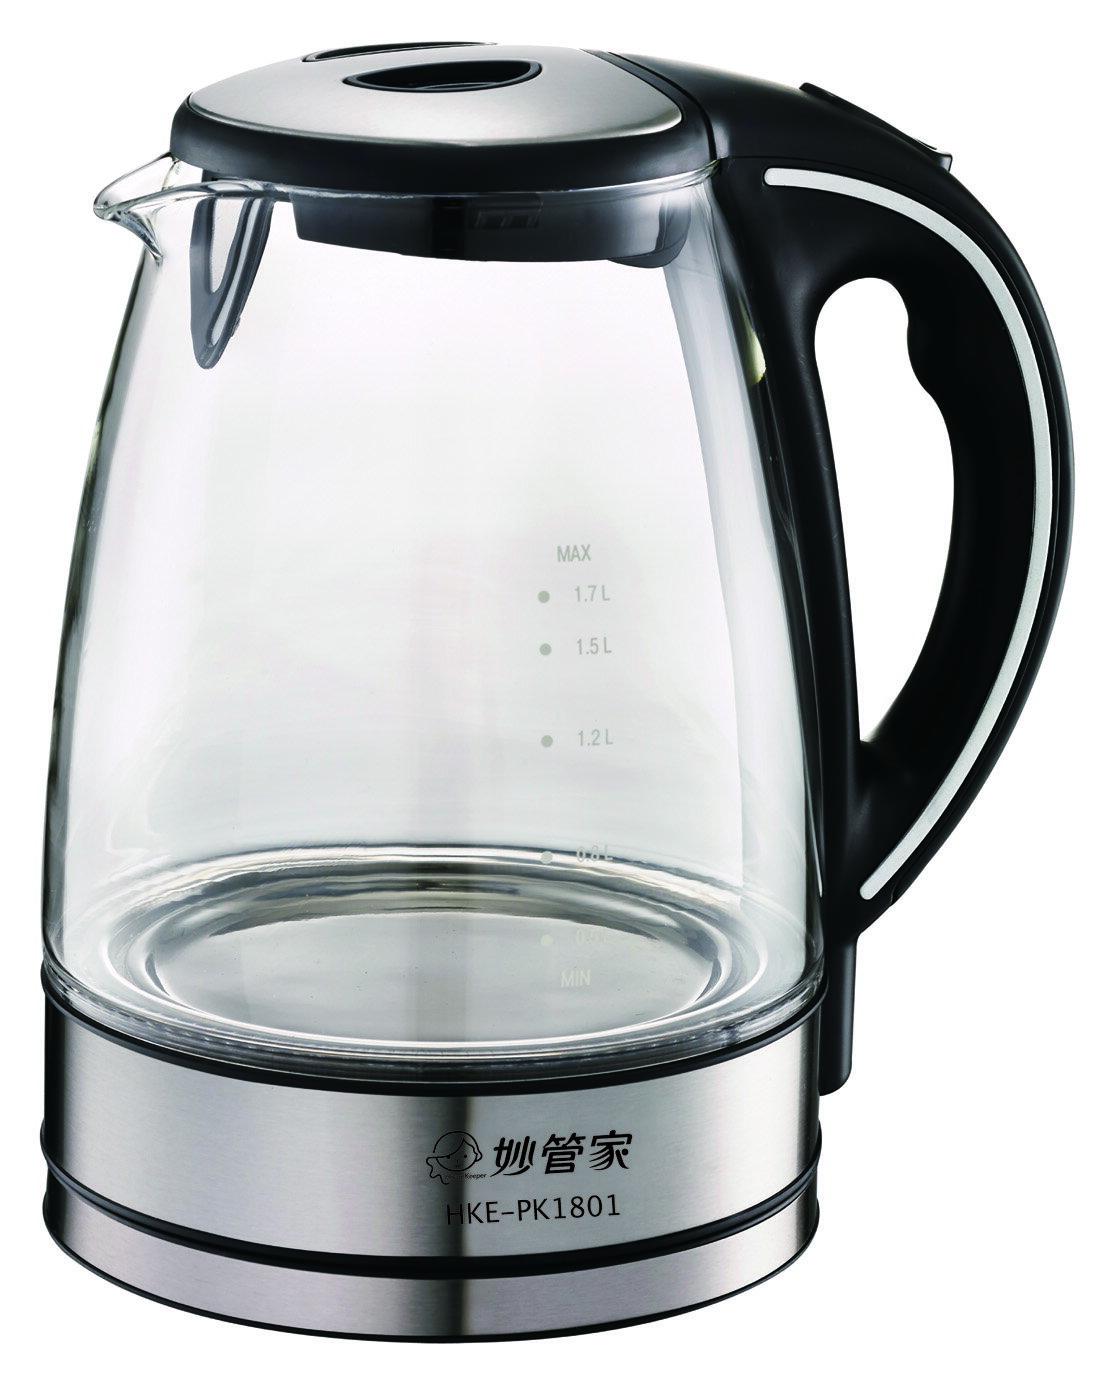 妙管家 LED玻璃炫彩快煮壺 / 1.8L / HKE-PK1801 0